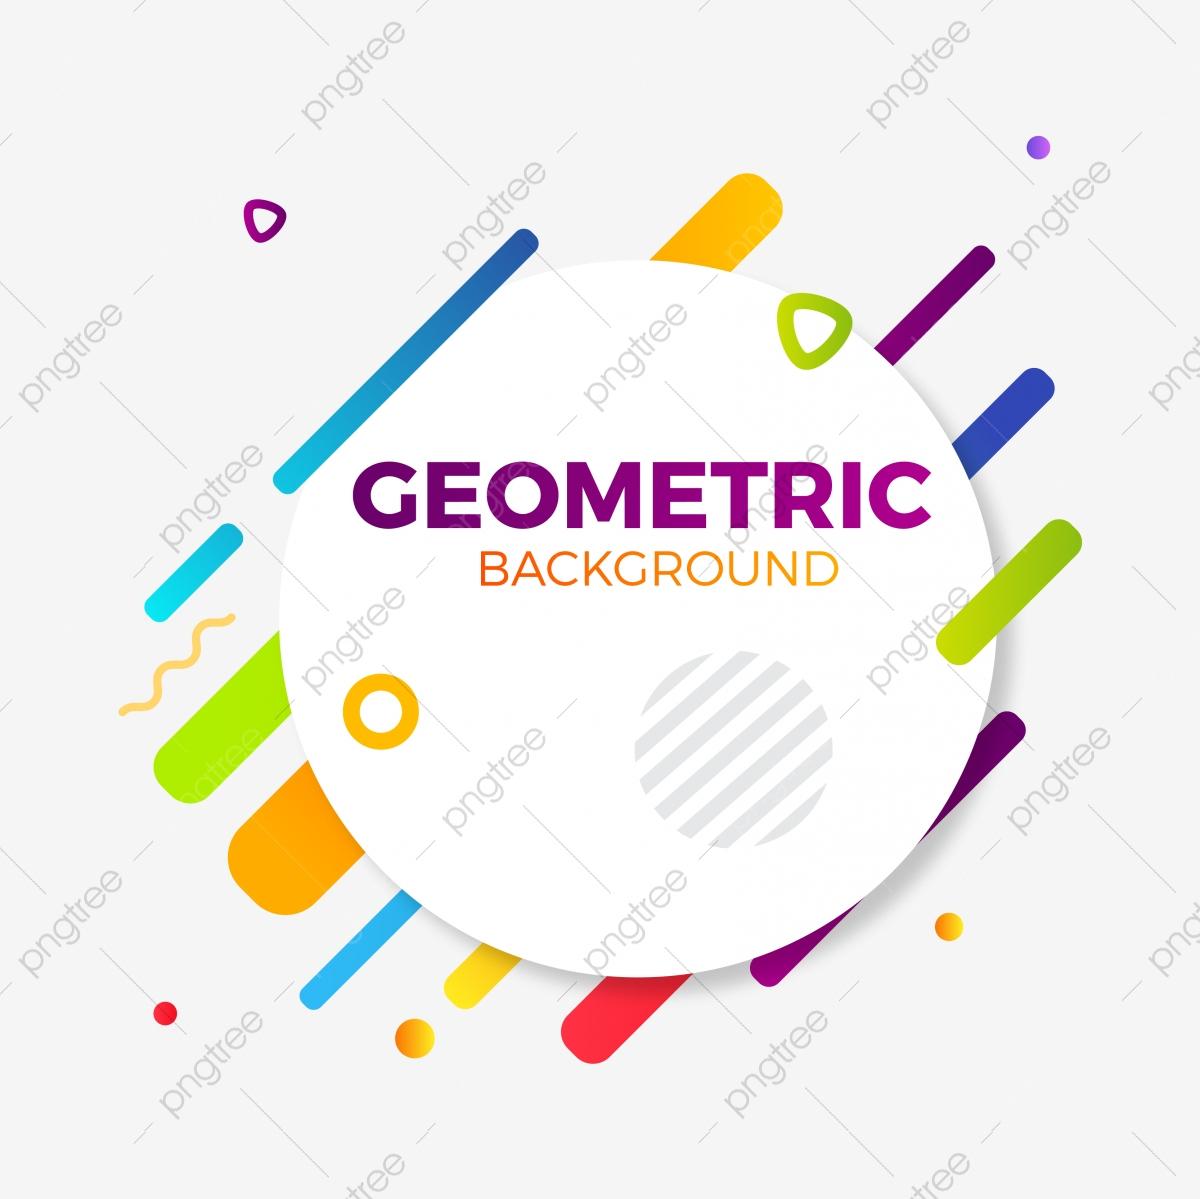 Les Formes Géométriques De Base Gradient, 3D, Résumé à Les Formes Geometrique